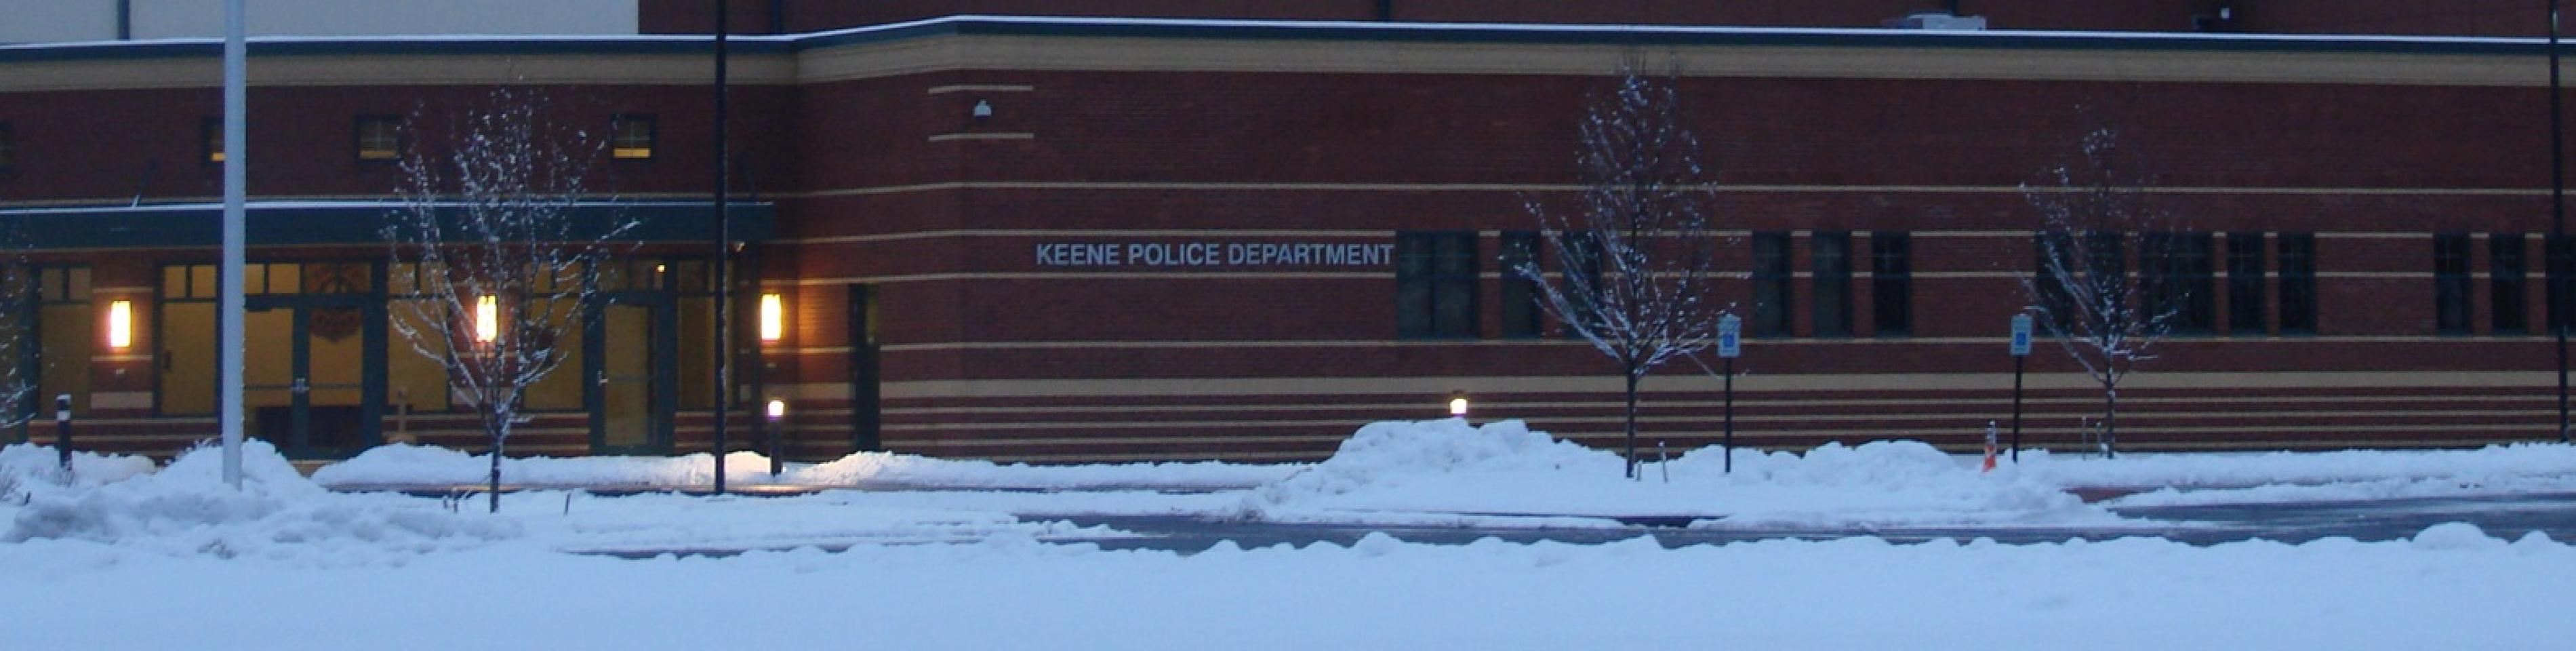 KPD Police